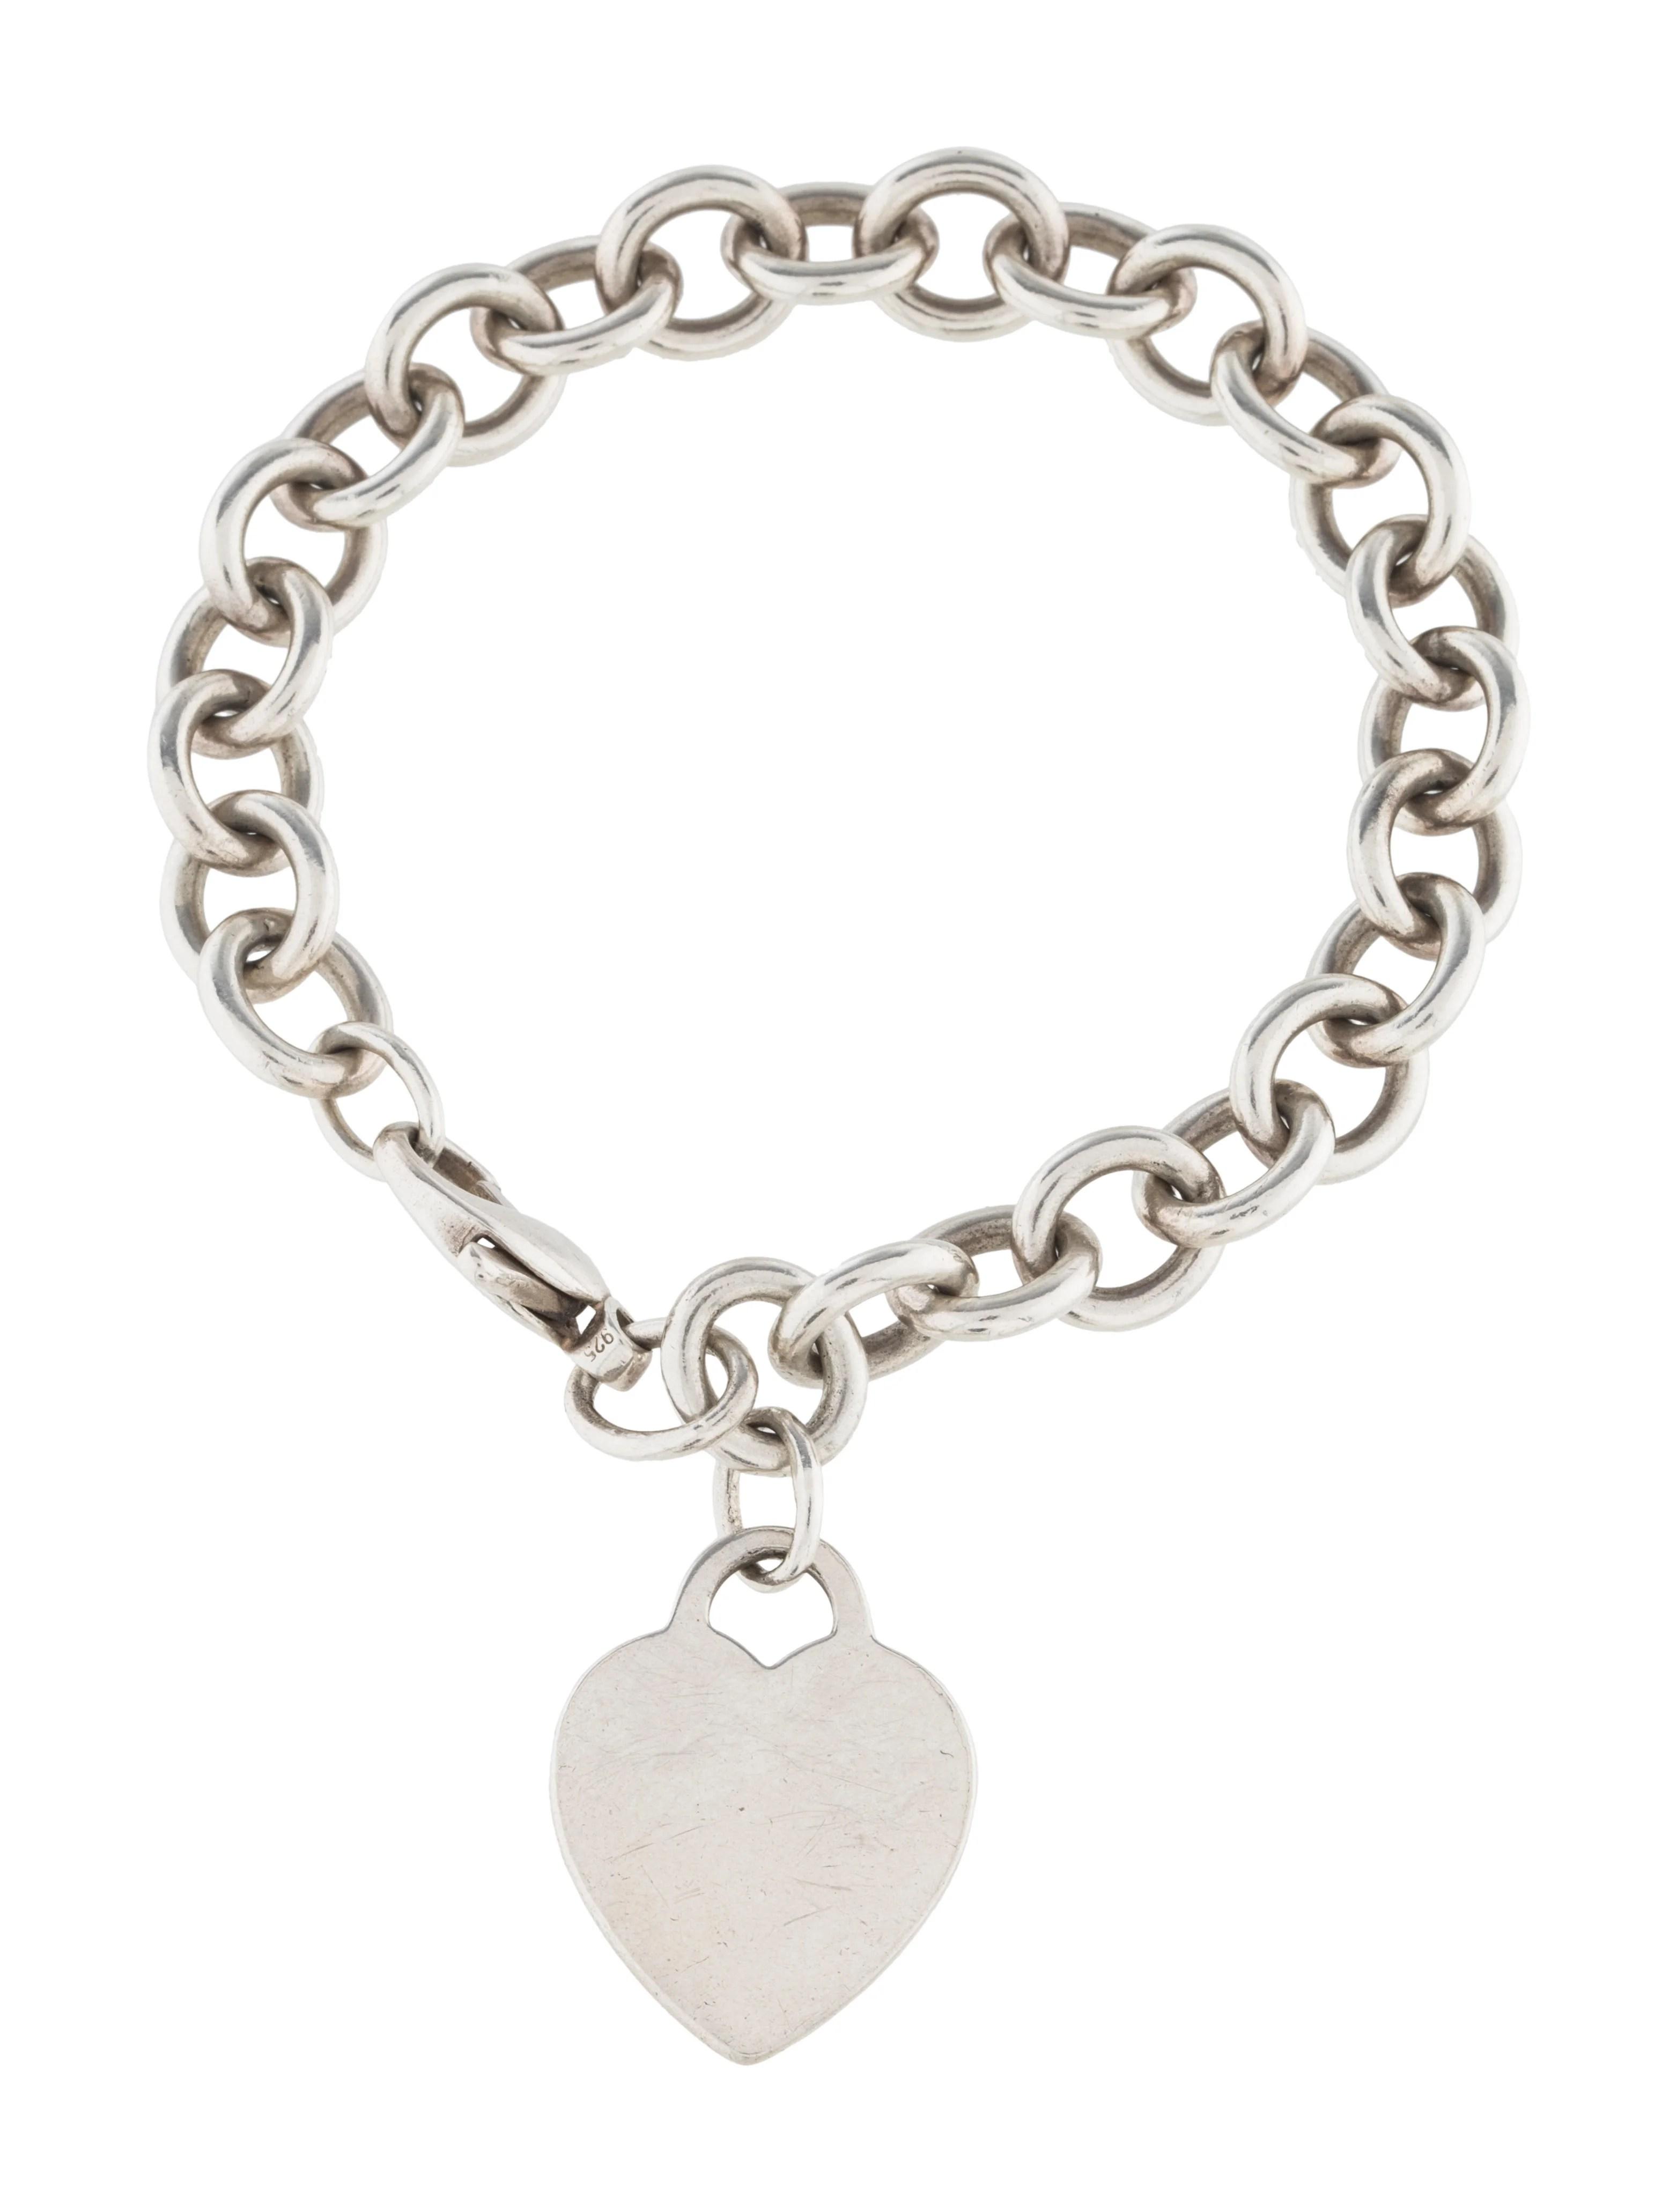 Tiffany Co Heart Tag Bracelet Bracelets Tif58784